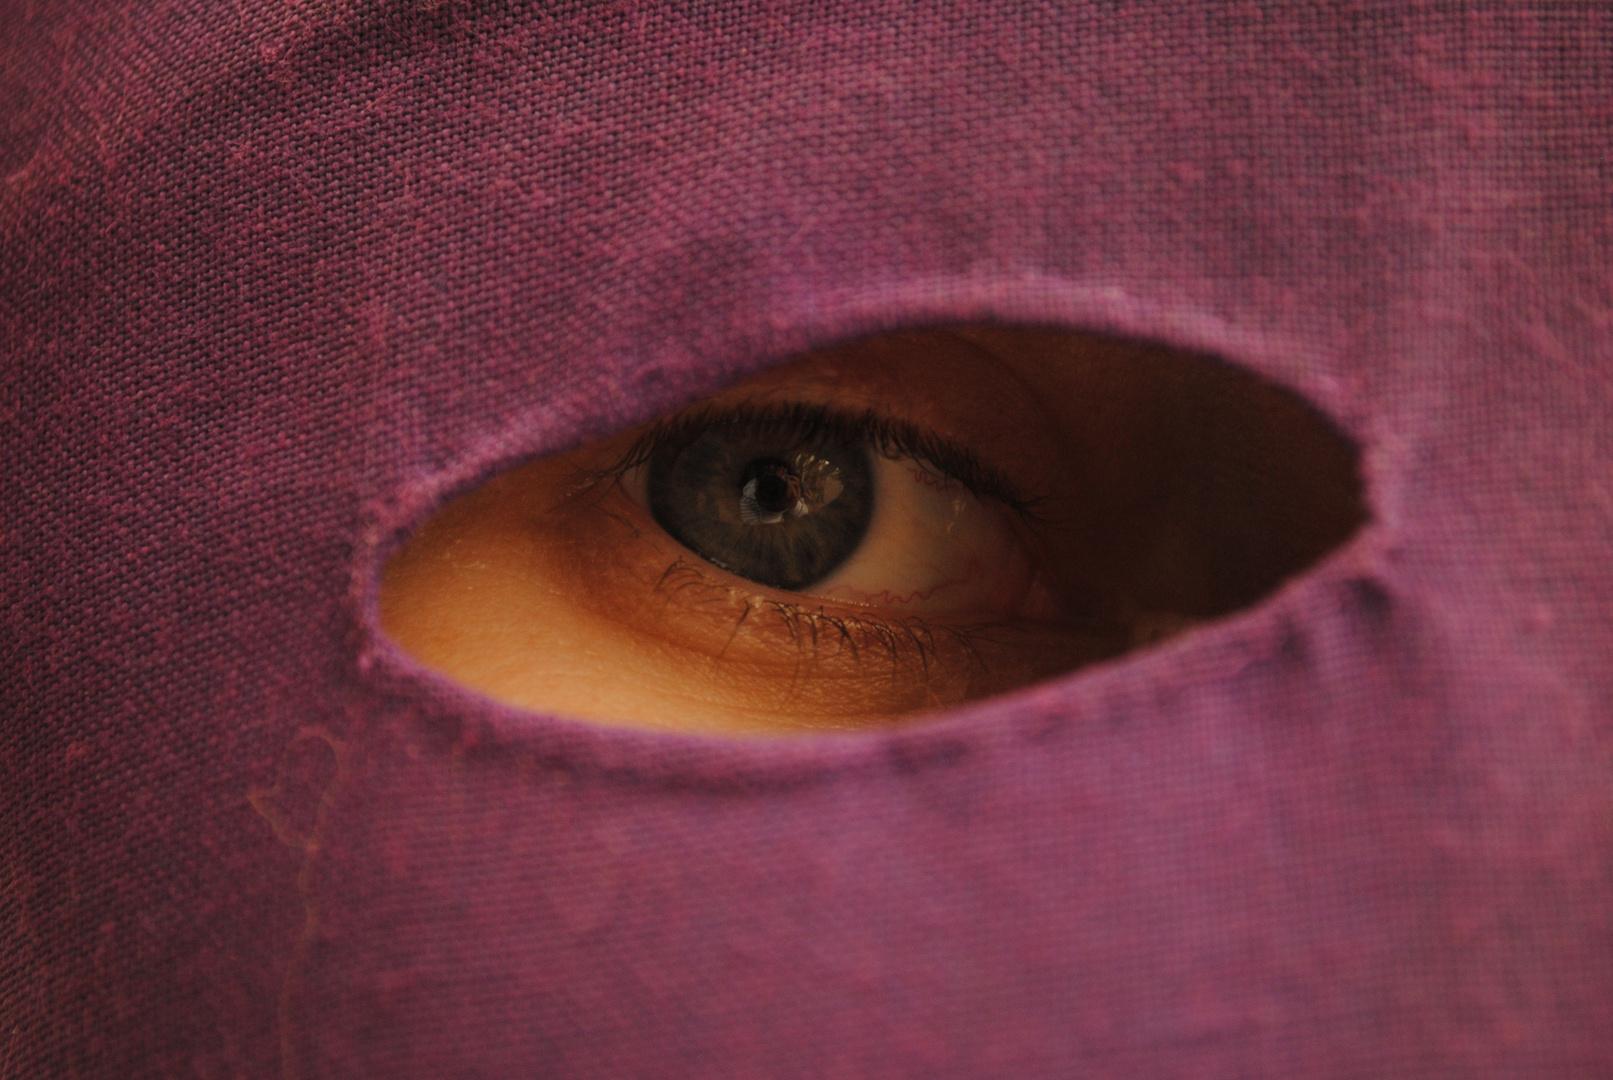 Ojos personales